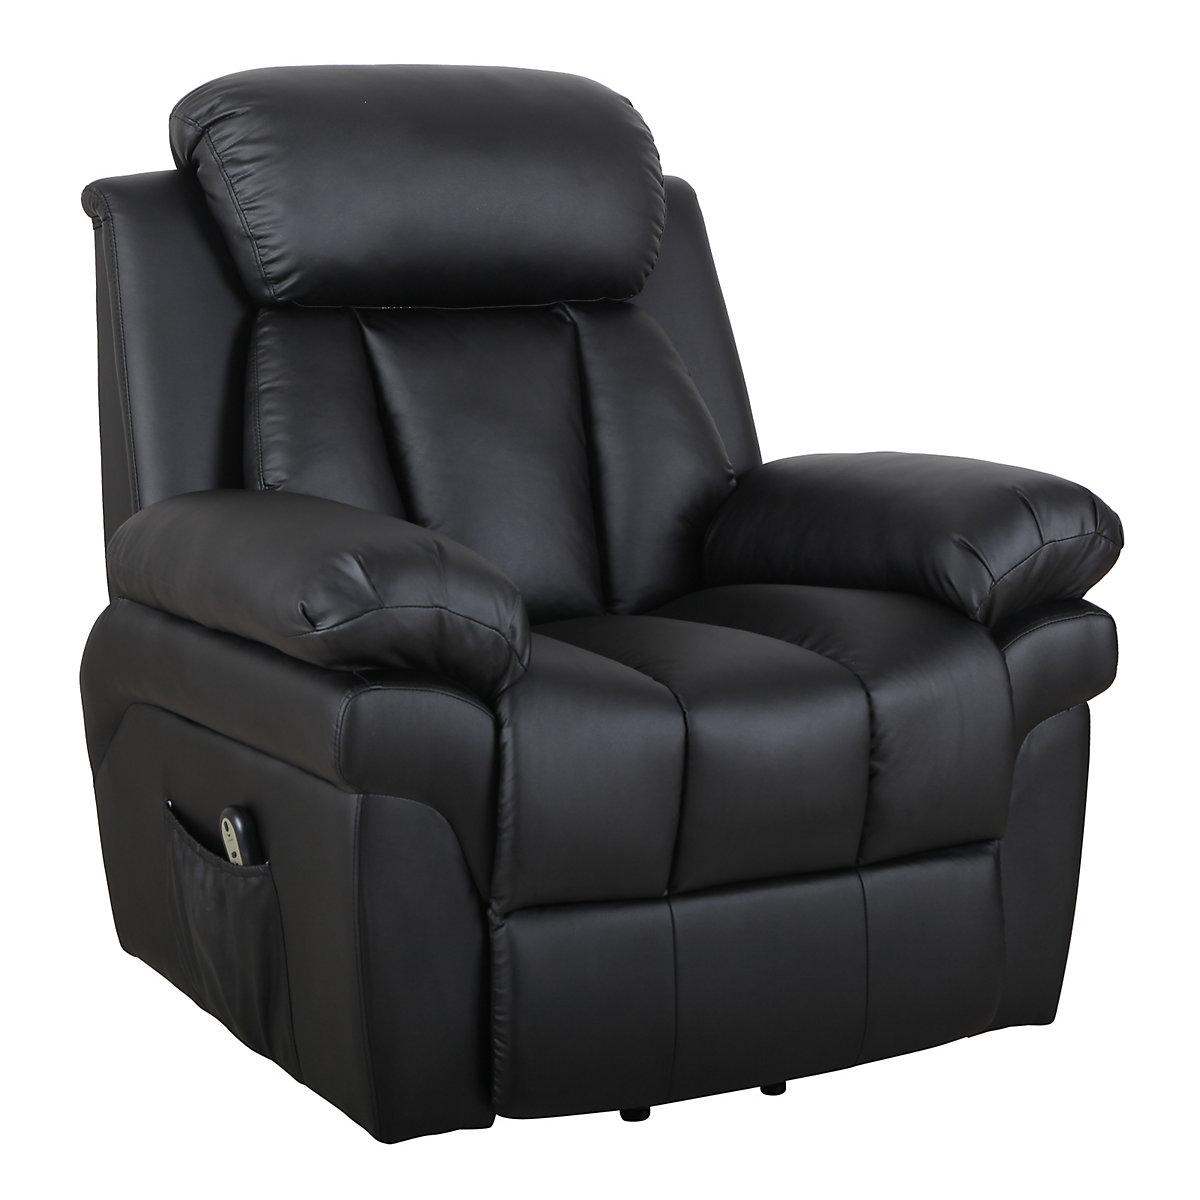 elektrischer fernsehsessel mit aufstehhilfe schwarz homcom yomonda. Black Bedroom Furniture Sets. Home Design Ideas